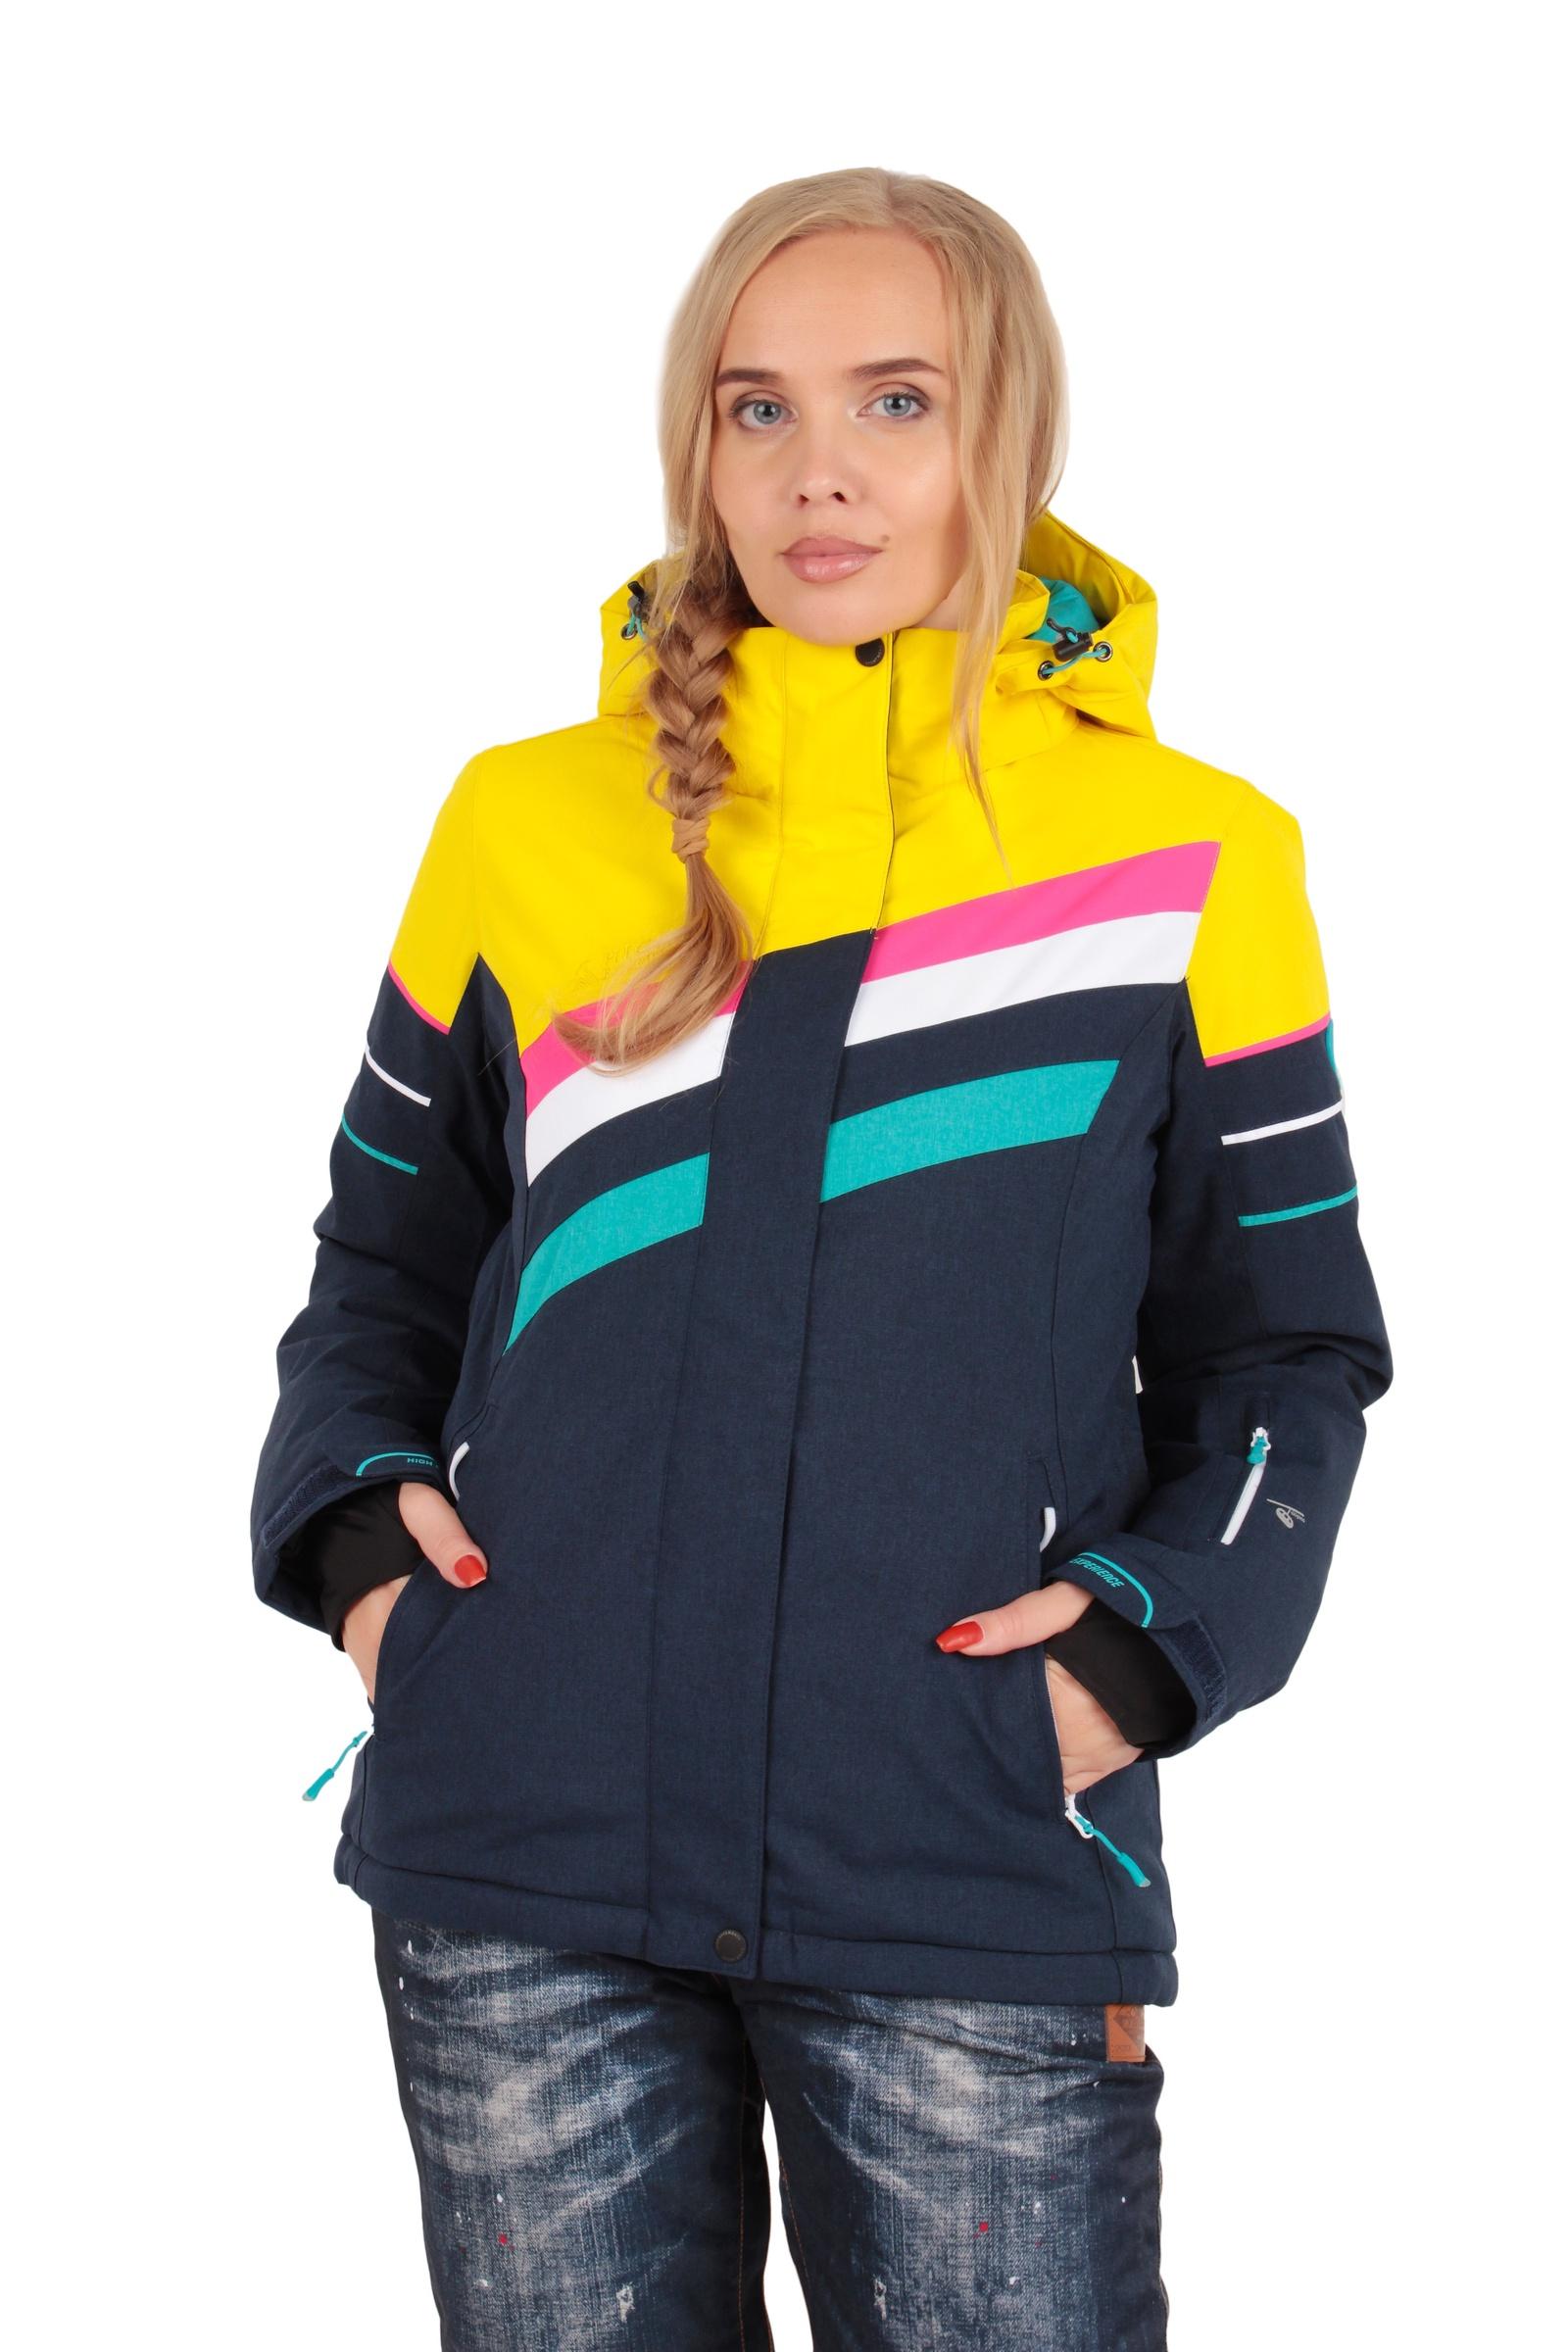 Куртка High ExperienceКуртка 8252/желтый,синий MУниверсальная куртка будет актуальна для повседневной носки и занятий зимними видами спорта. Характеристик изделия: вентиляция, высокая степень ветрозащиты, влагонепроницаемость. Модель идеальна для занятий зимними видами спорта и активными прогулками на свежем воздухе. Характеристики мембраны: водонепроницаемость - 15000мм, паропроницаемость - 15000г/м2/24ч. Утеплитель синтетический био-пух.